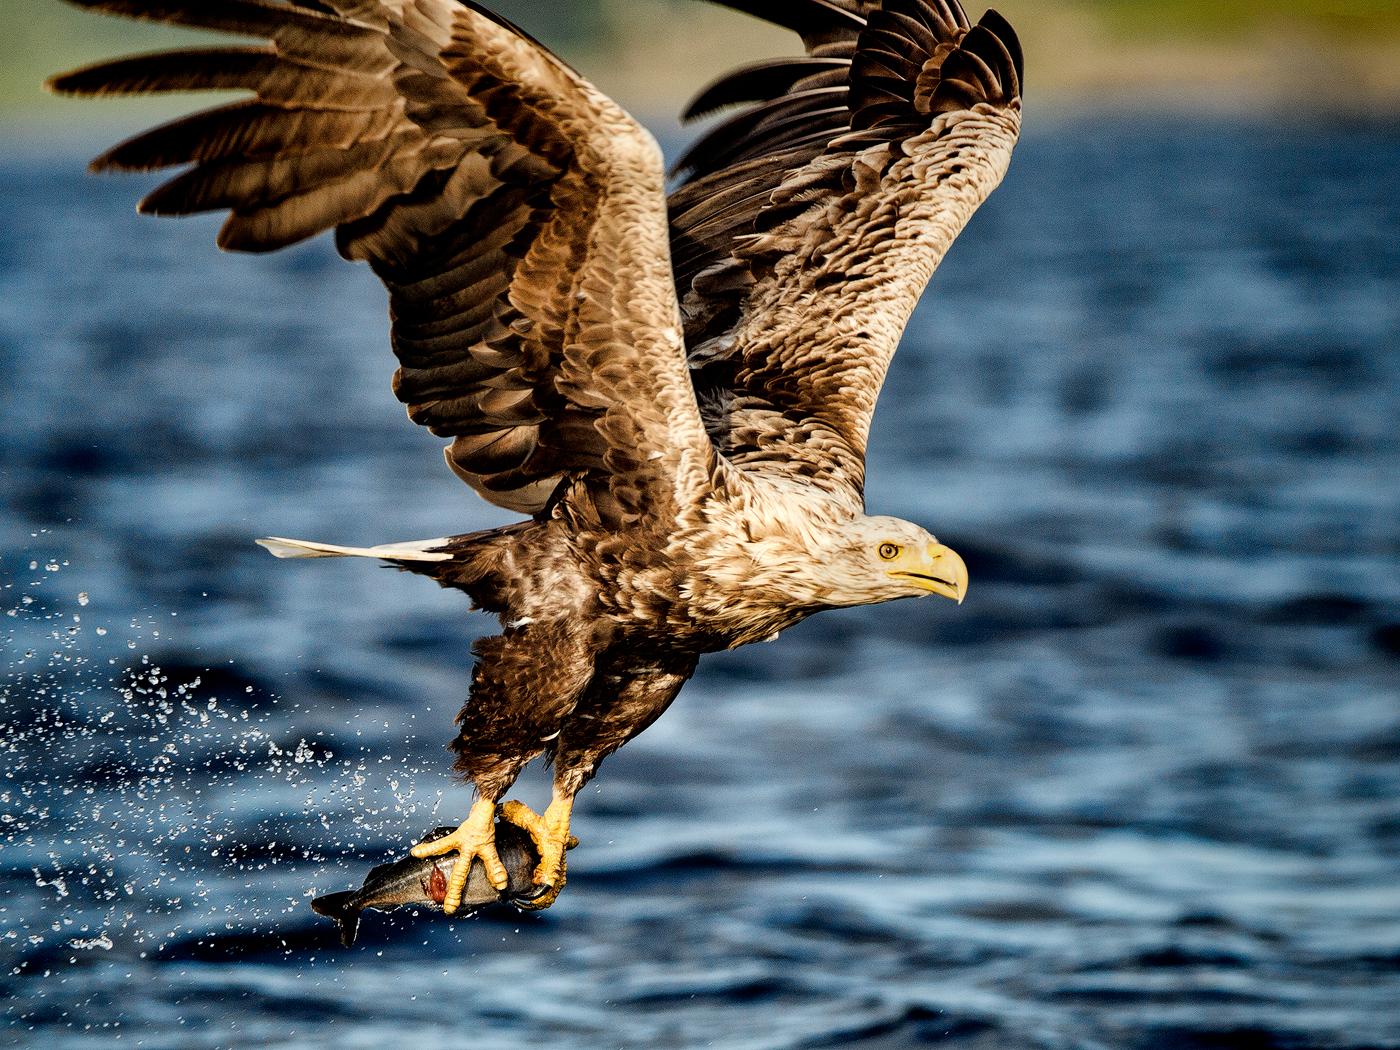 SEA EAGLE AT WORK by geoff einon .jpg